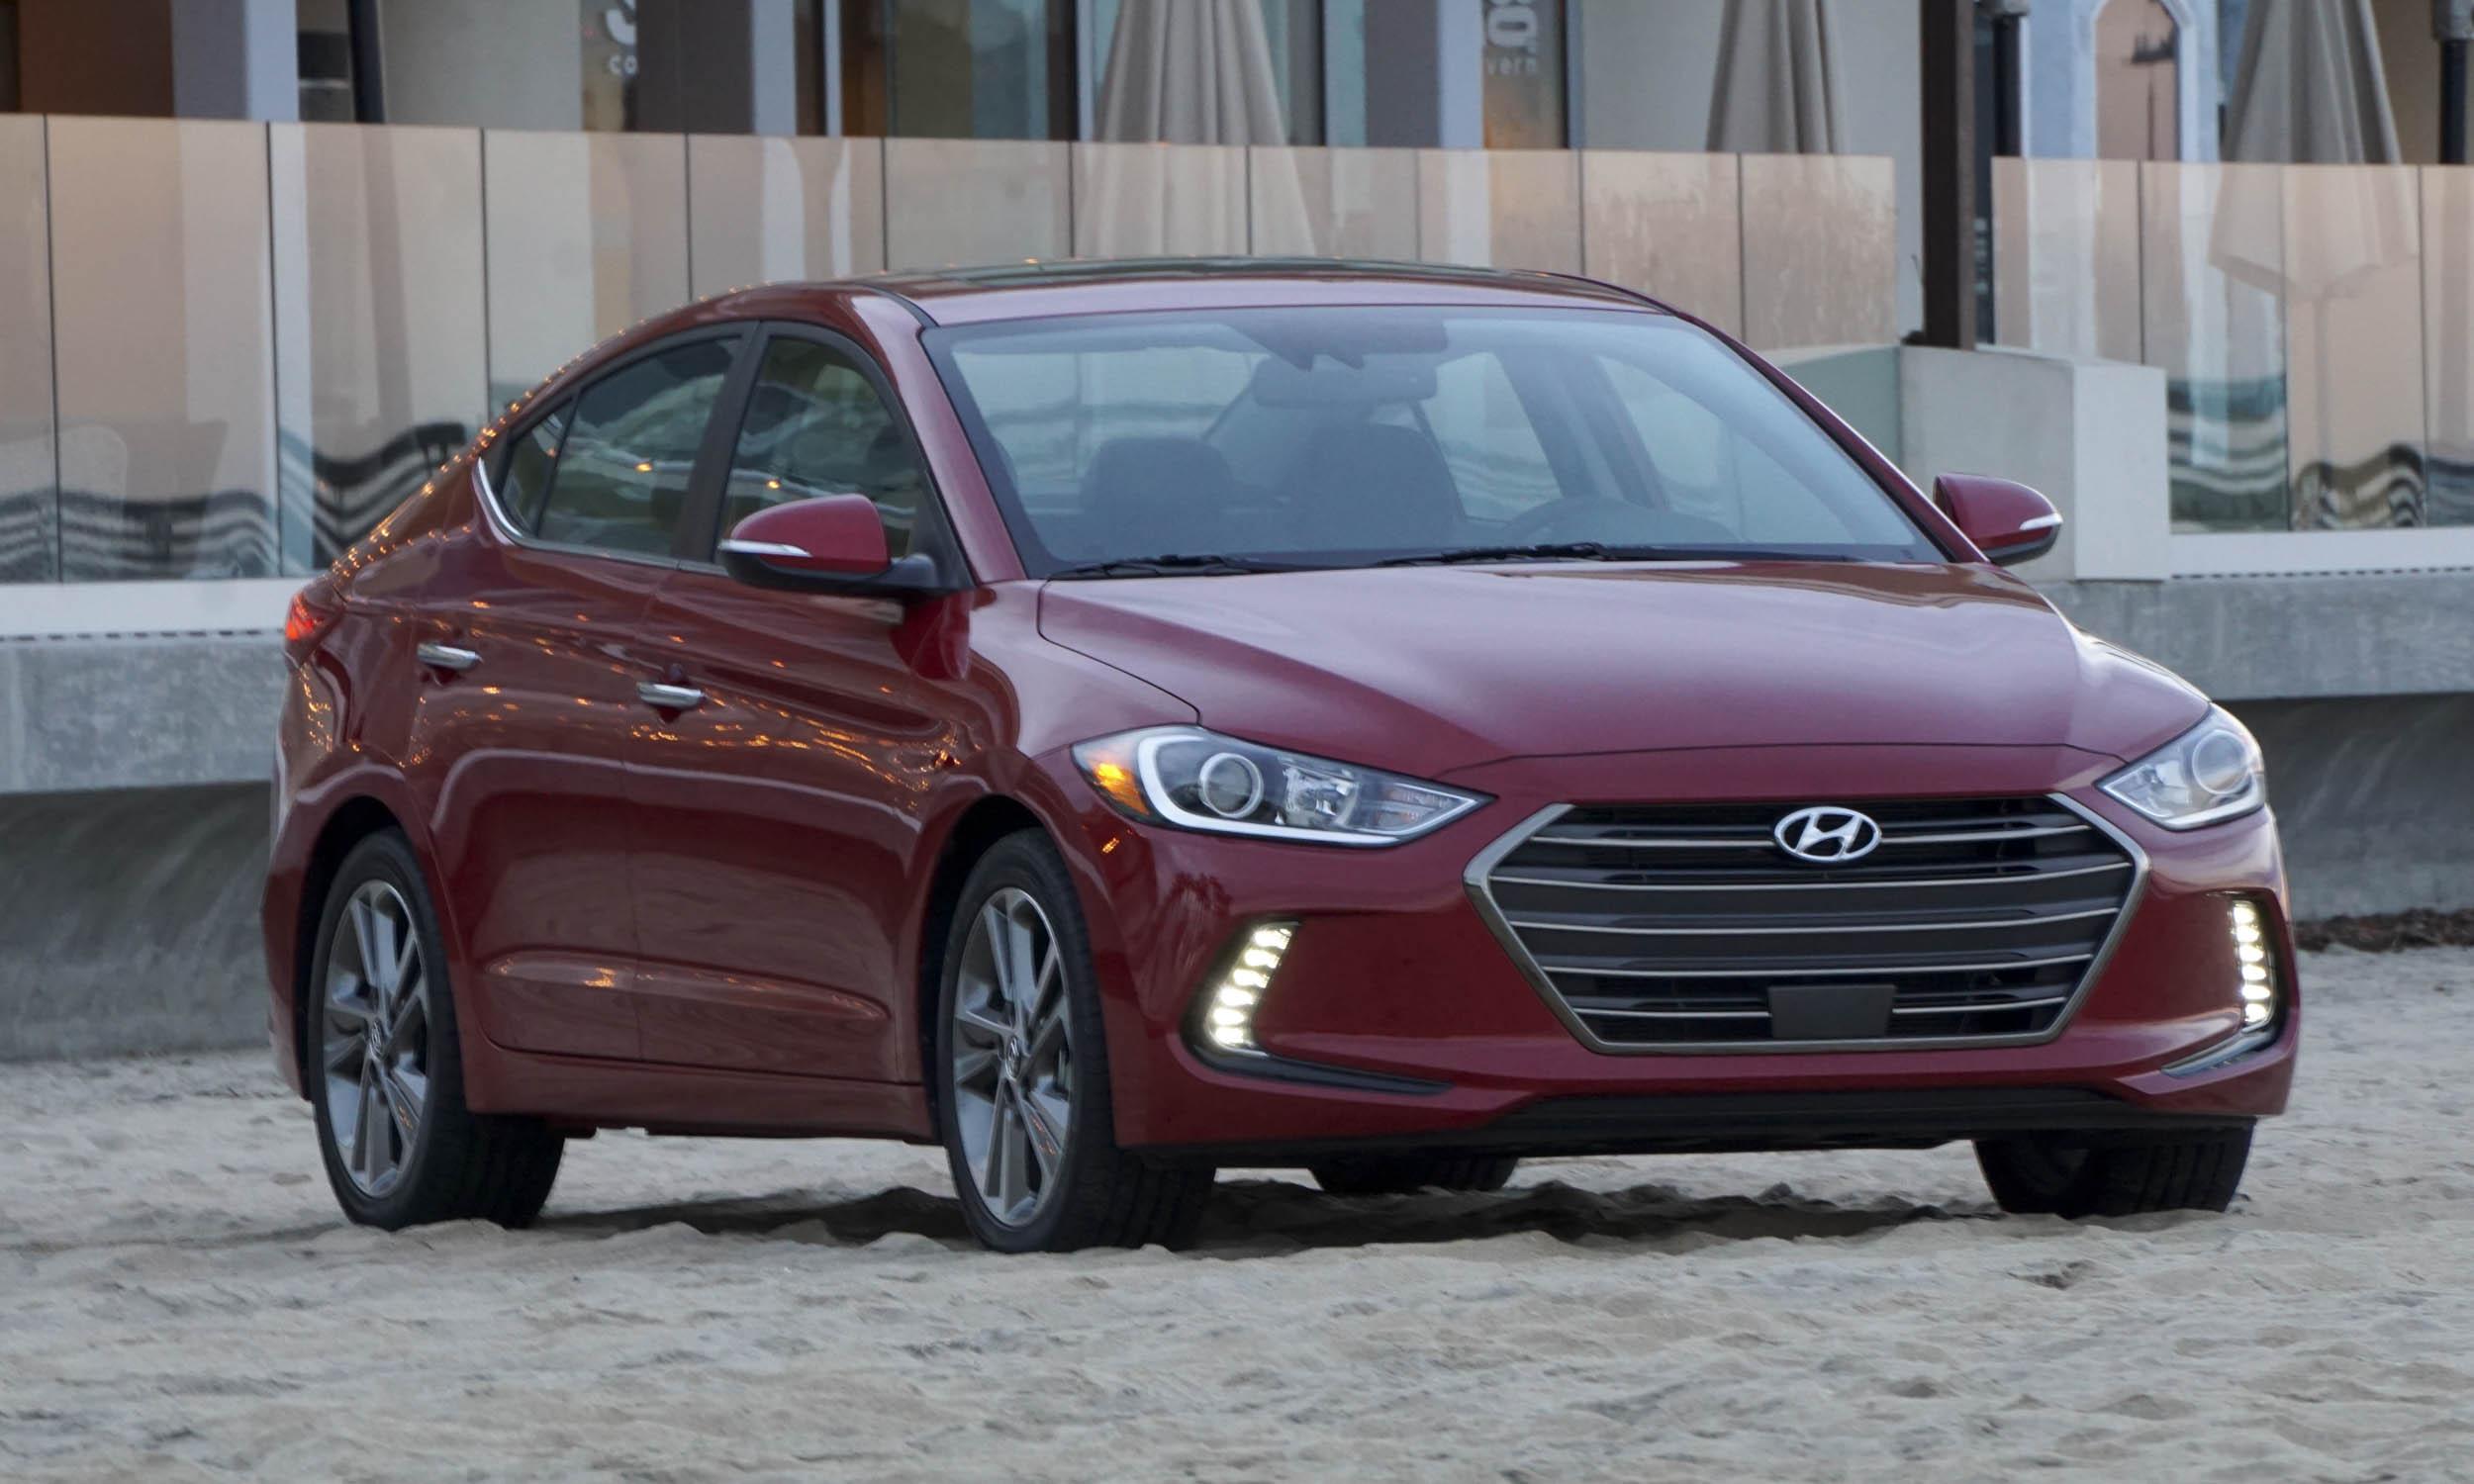 news hyundai sport quick elantra img cars spin review articles com reviews